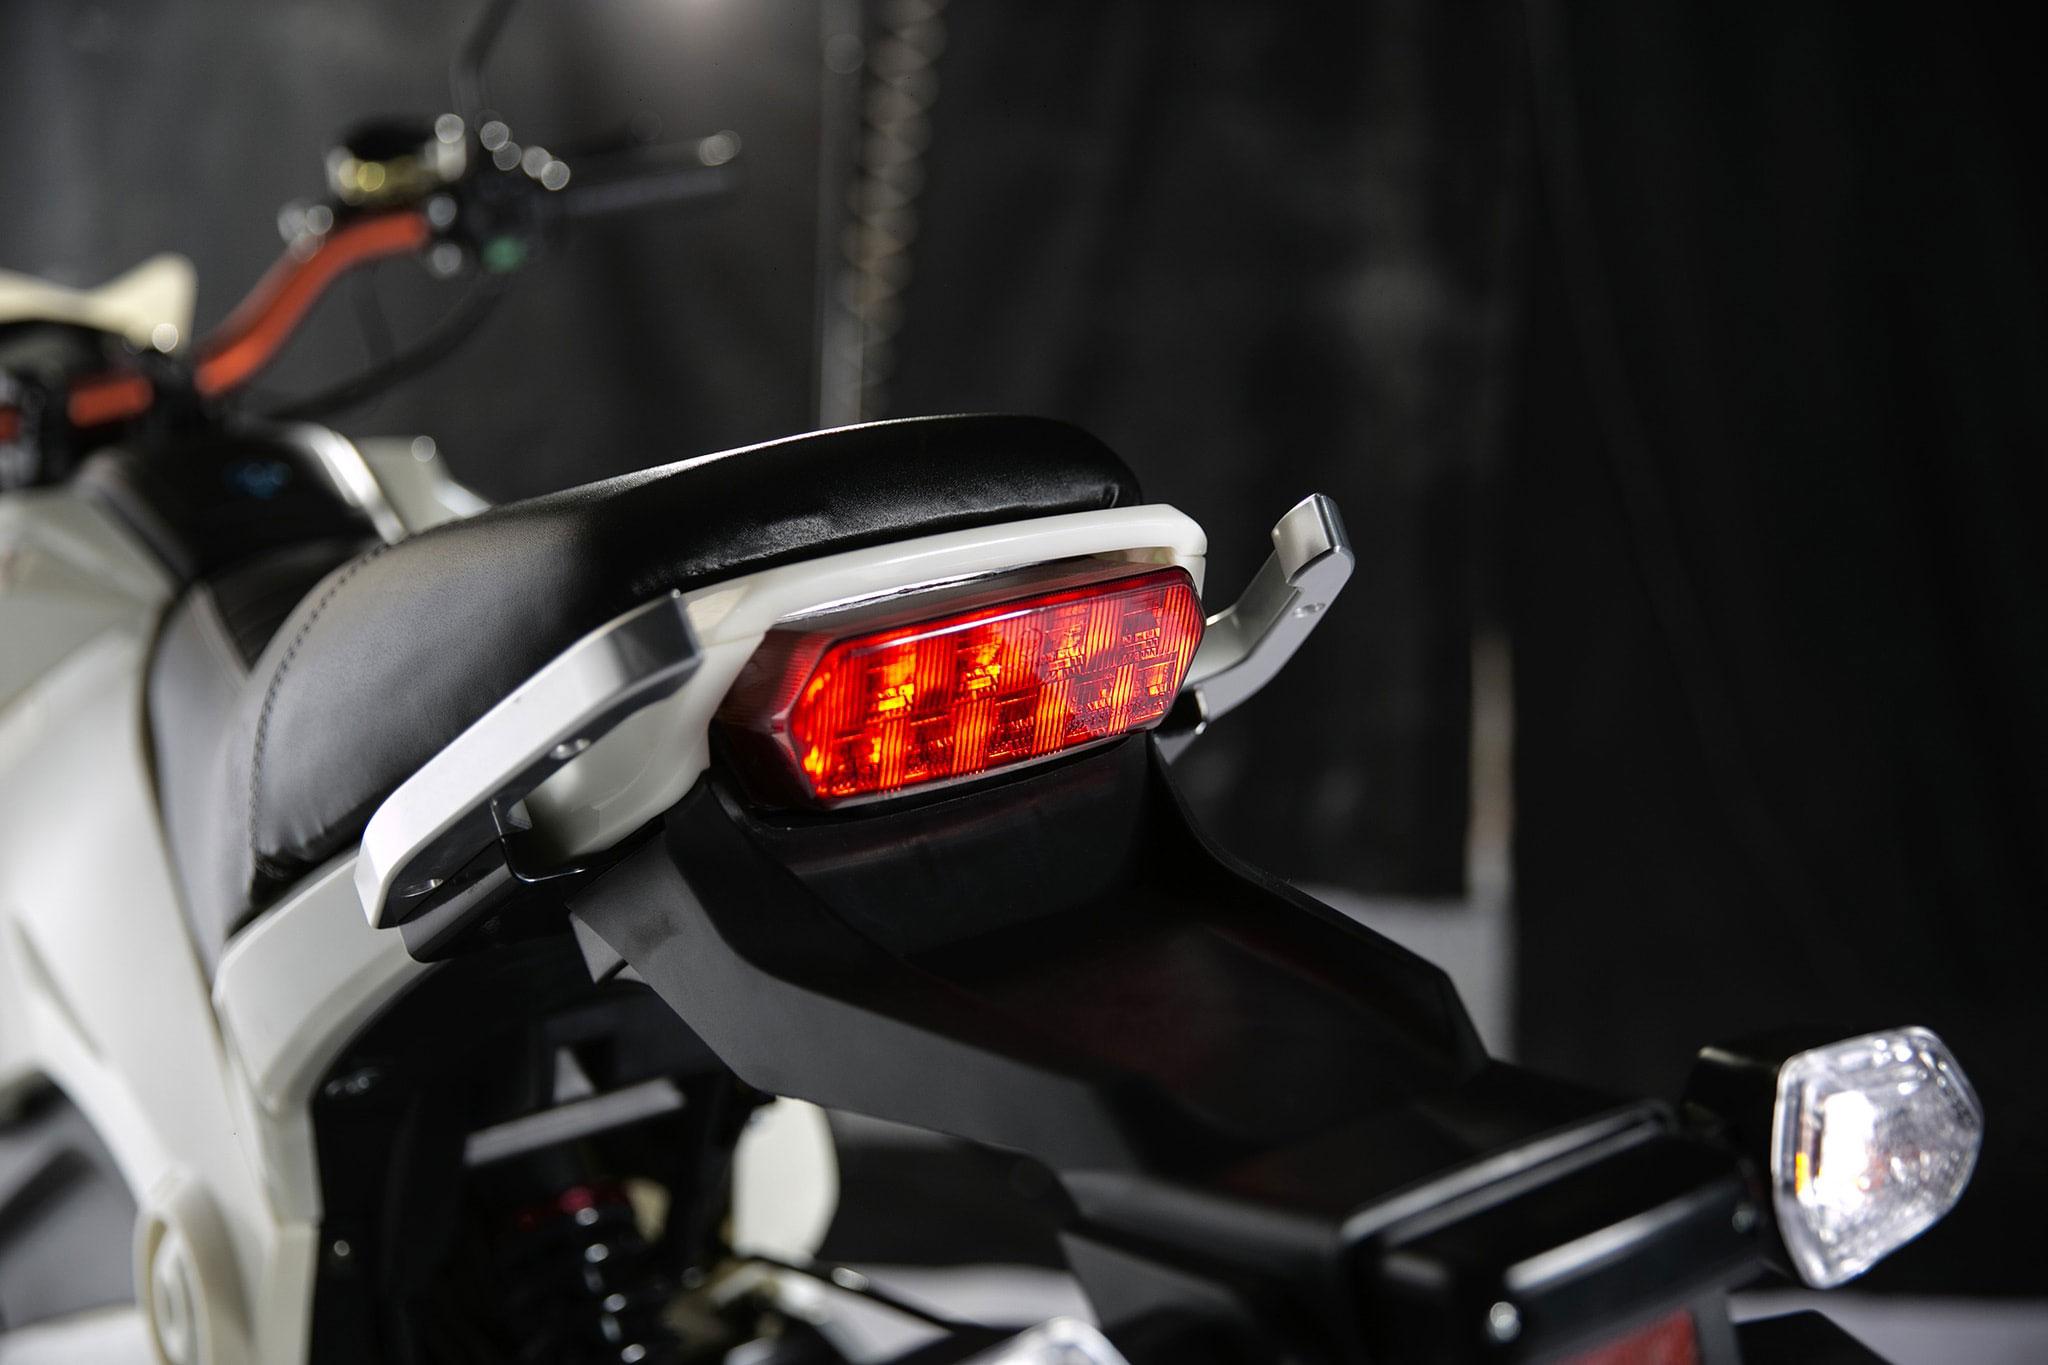 تصویر چراغ پشت موتور برقی MM3